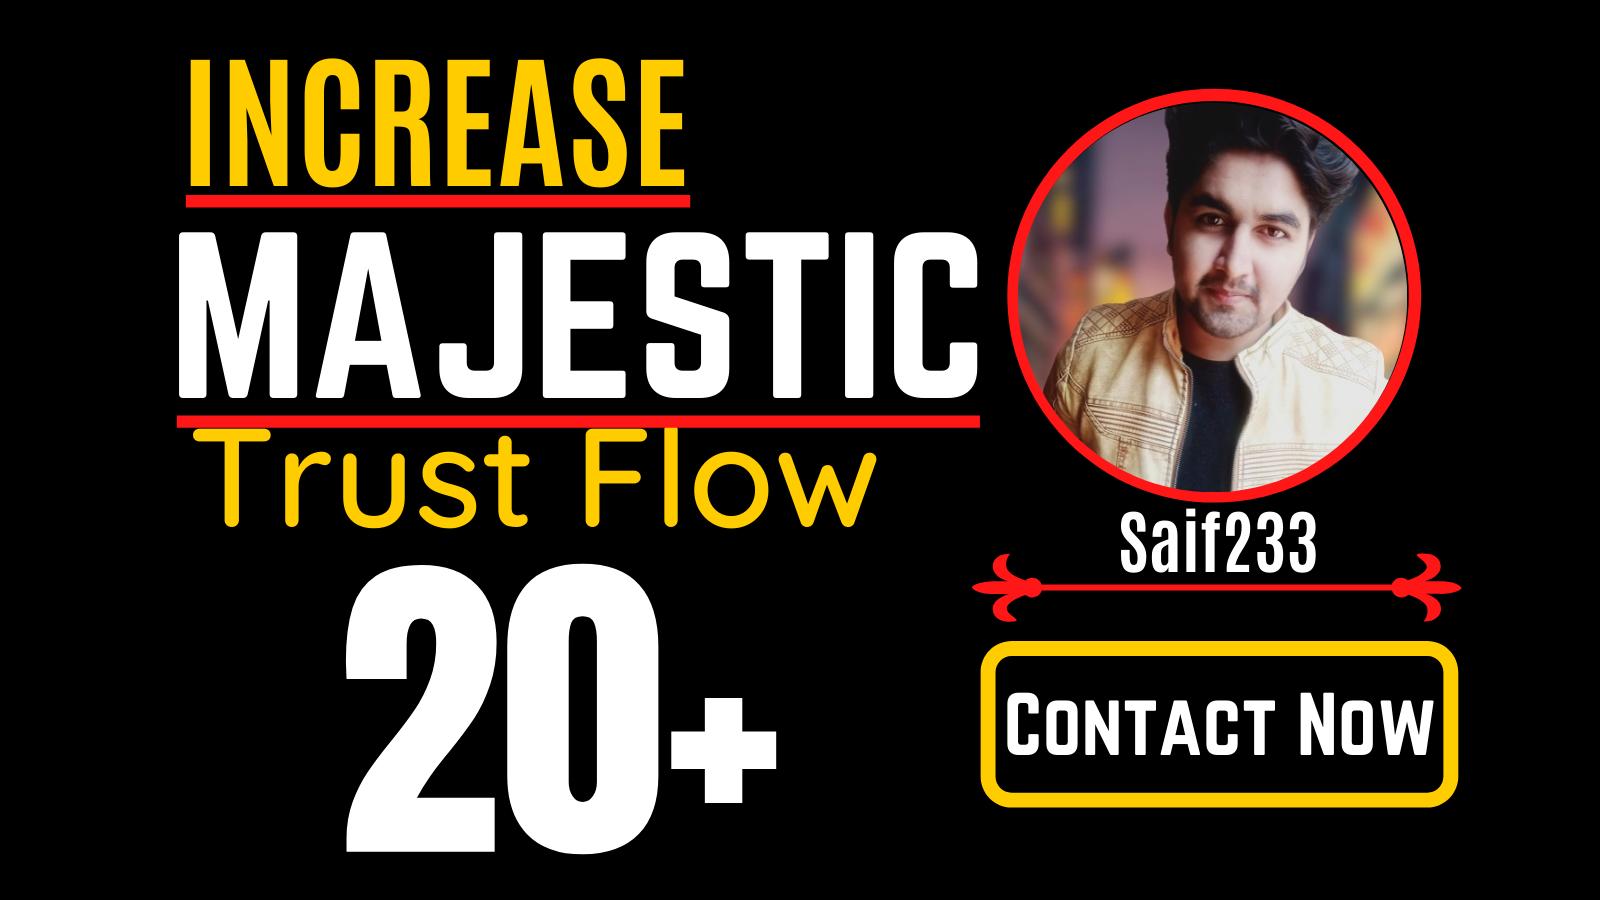 I will increase trust flow,  majestic tf 20plus guaranteed